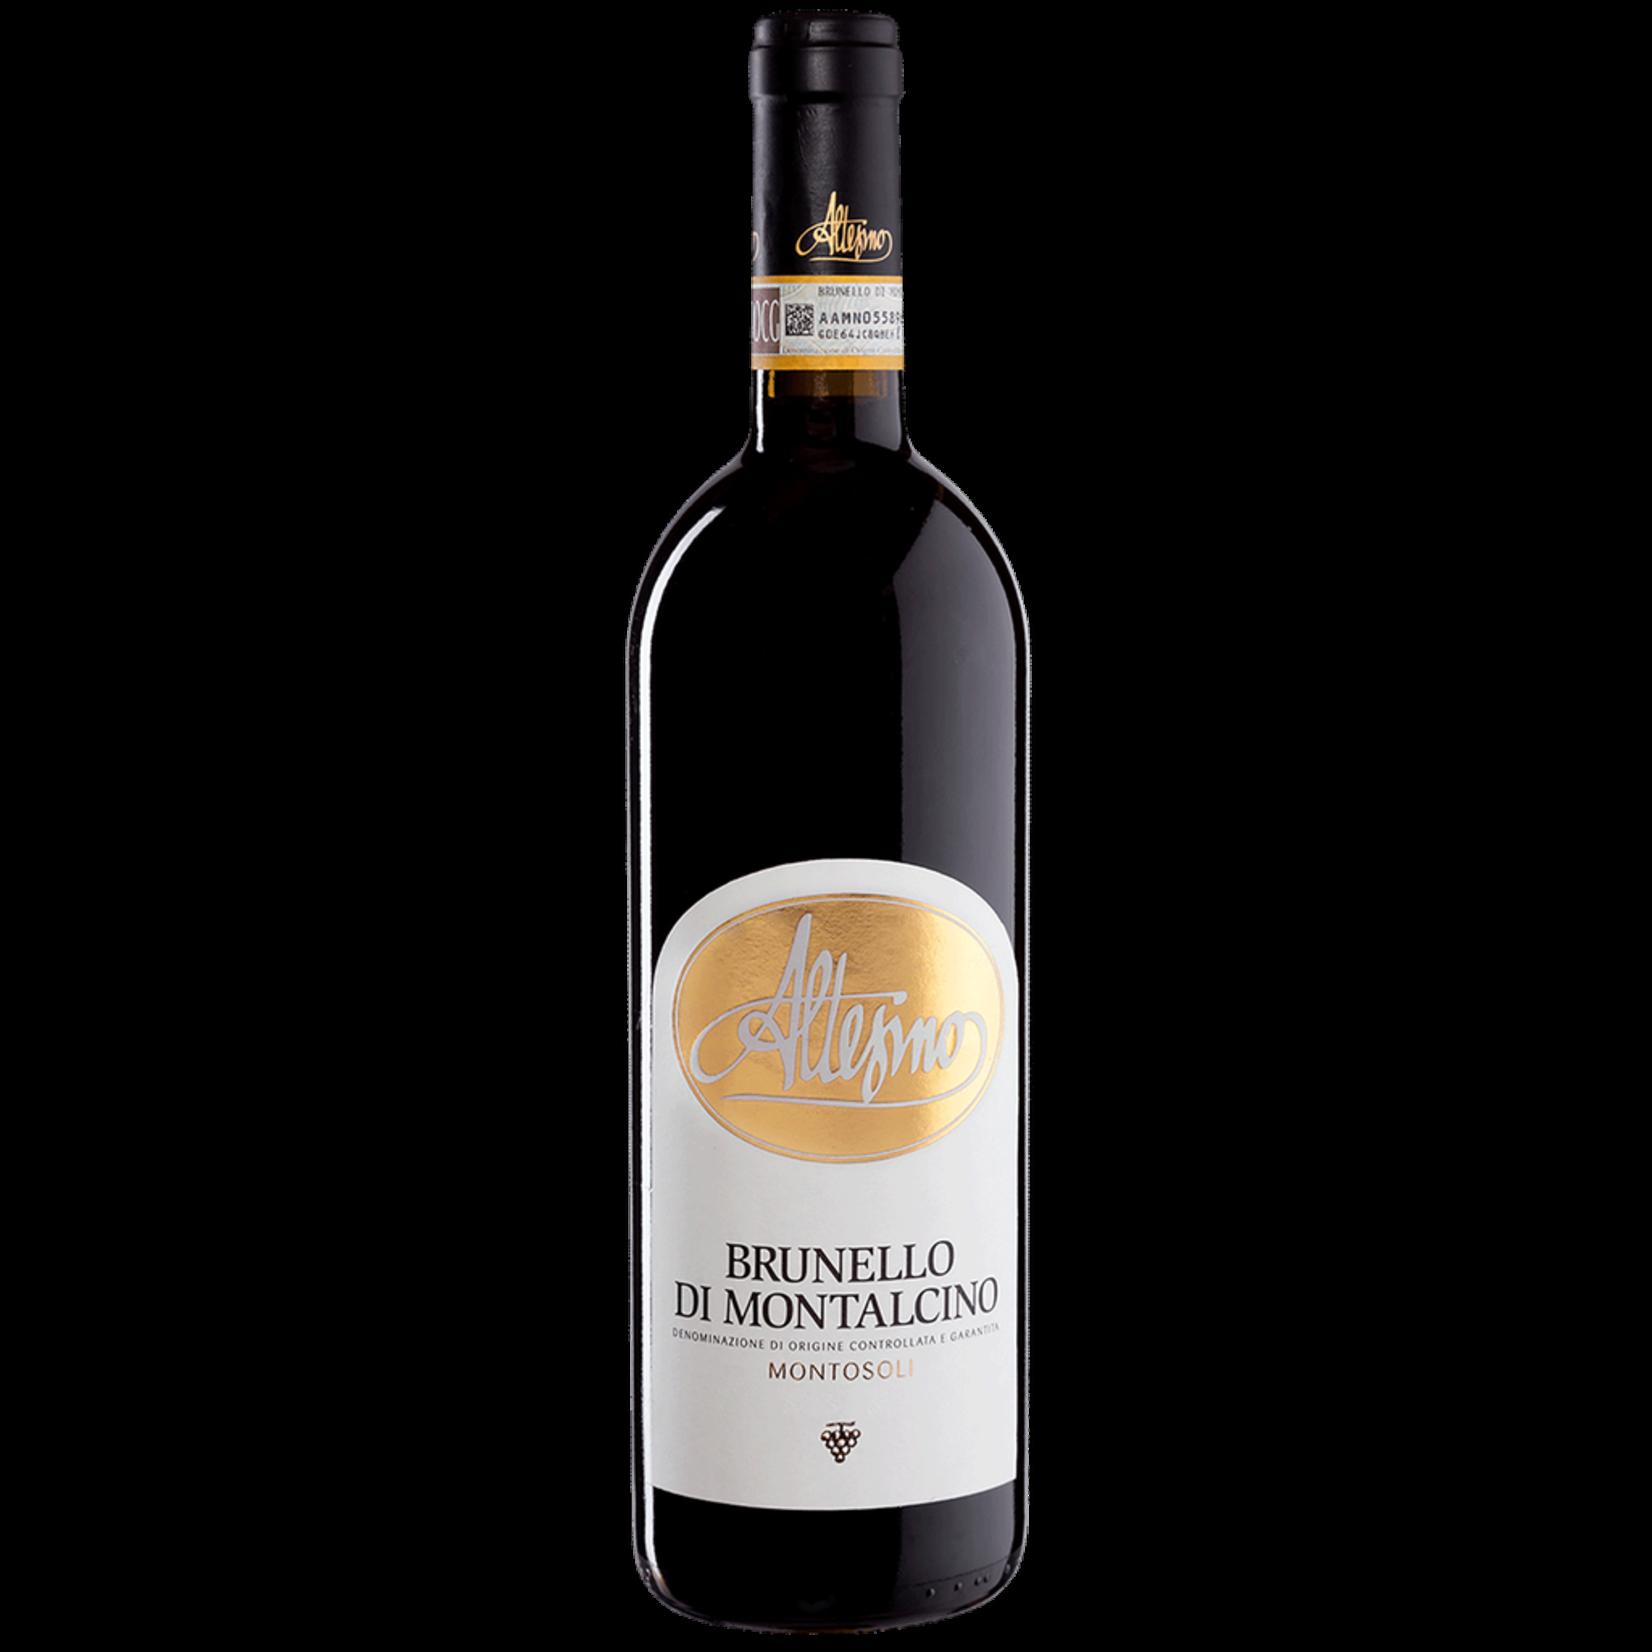 Altesino Brunello di Montalcino 2015